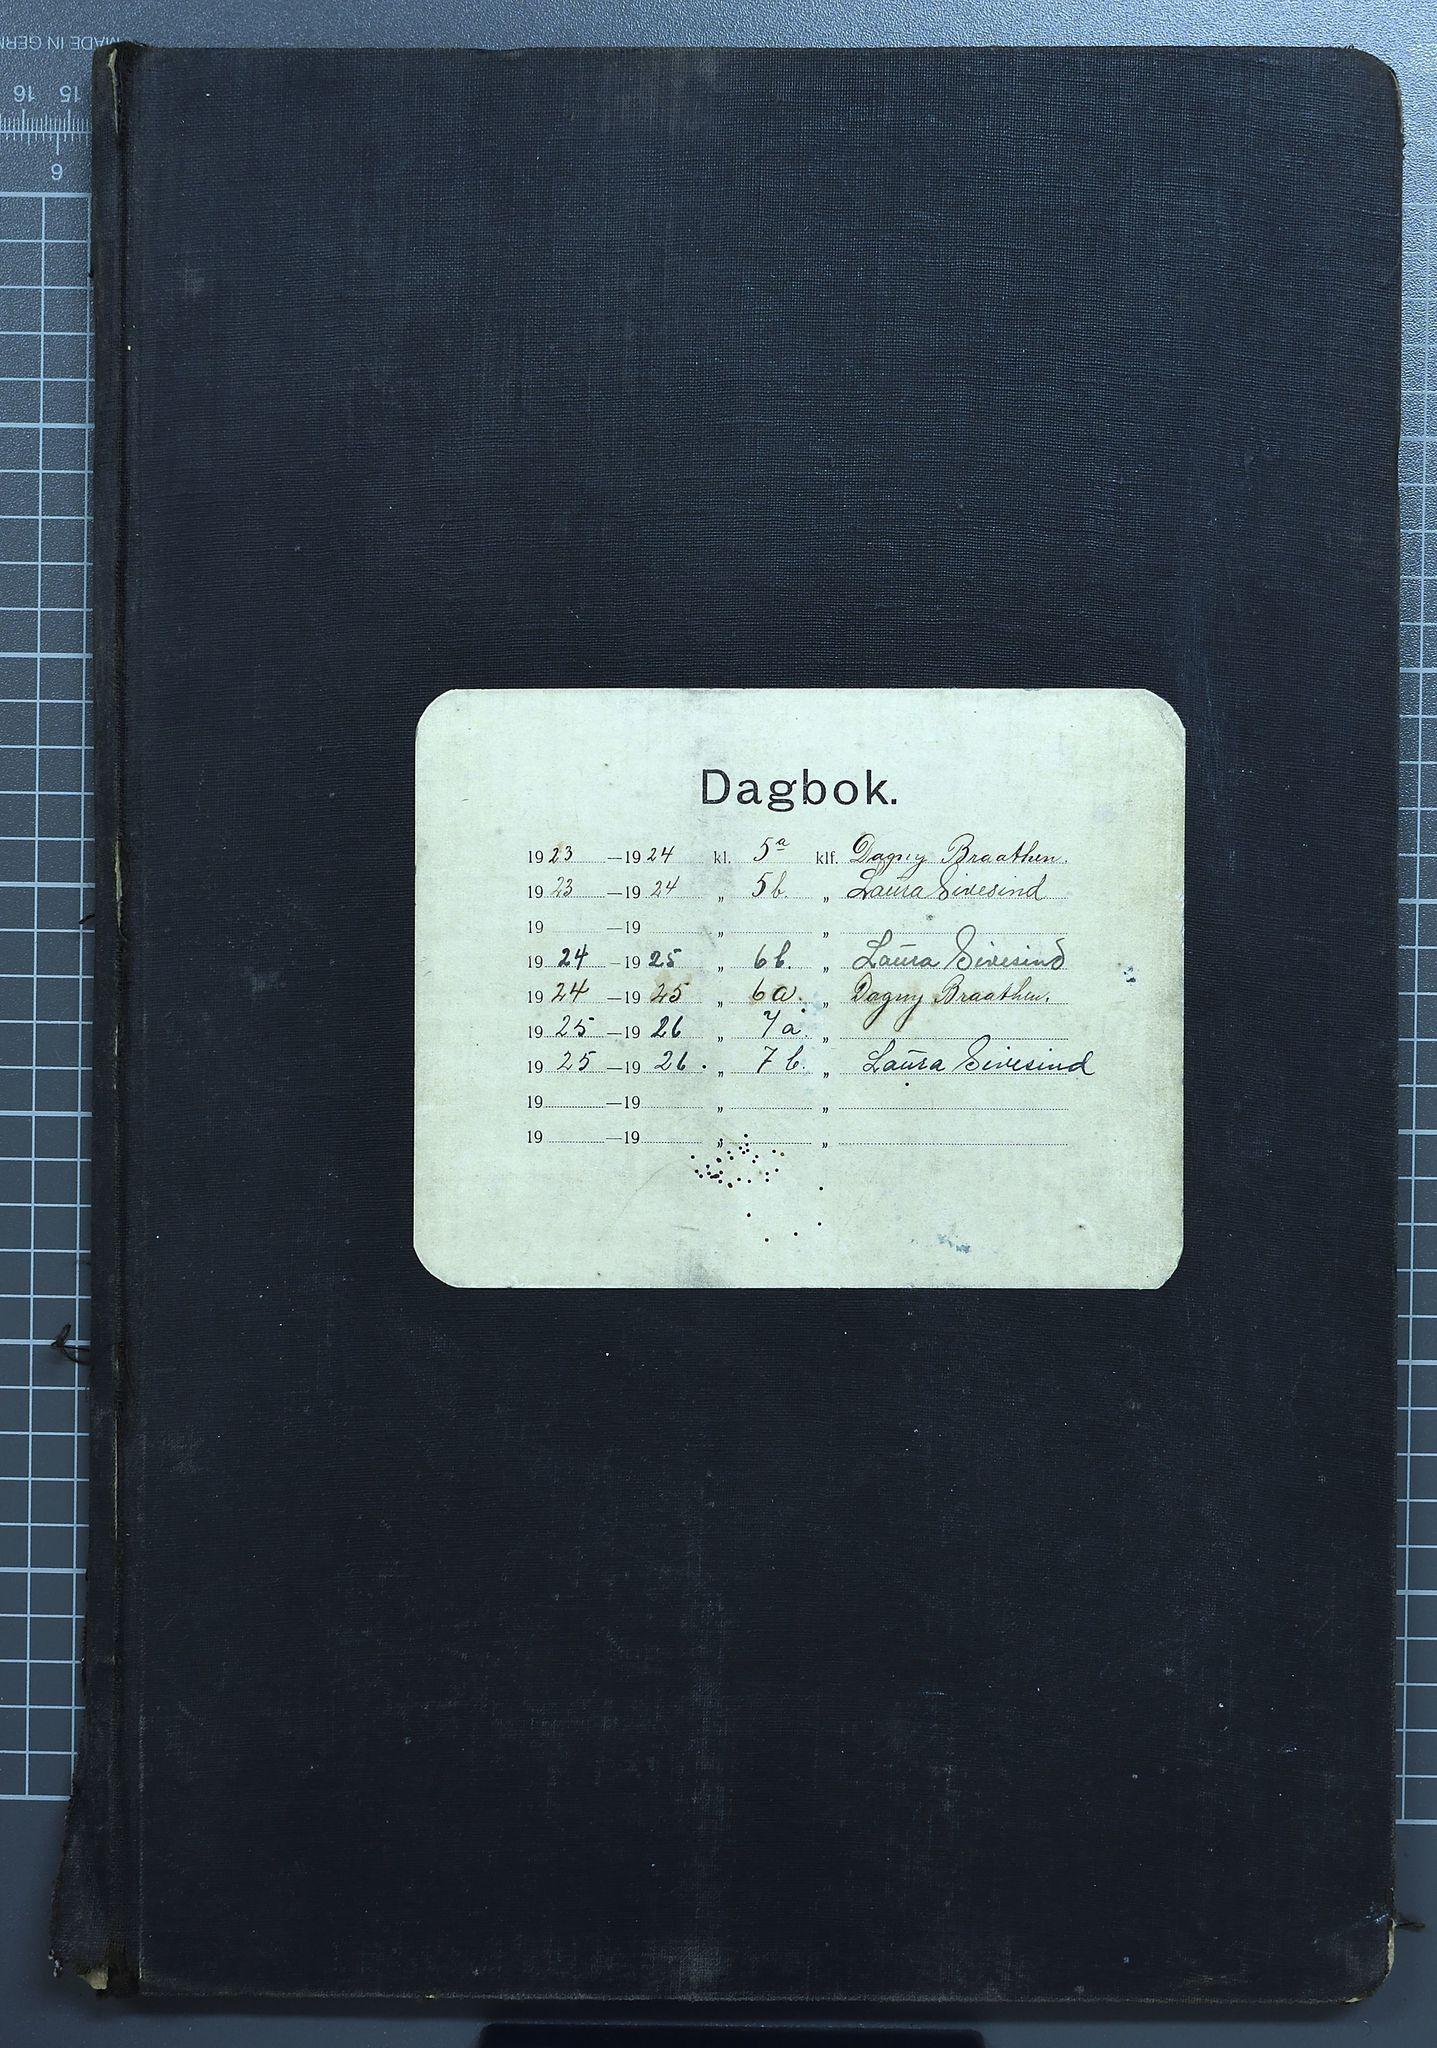 KVT, Vestre Toten kommunearkiv: Raufoss Skole i Vestre Toten kommune. Elevprotokoll 1923-26 for 5. - 7. klasse, 1923-1926